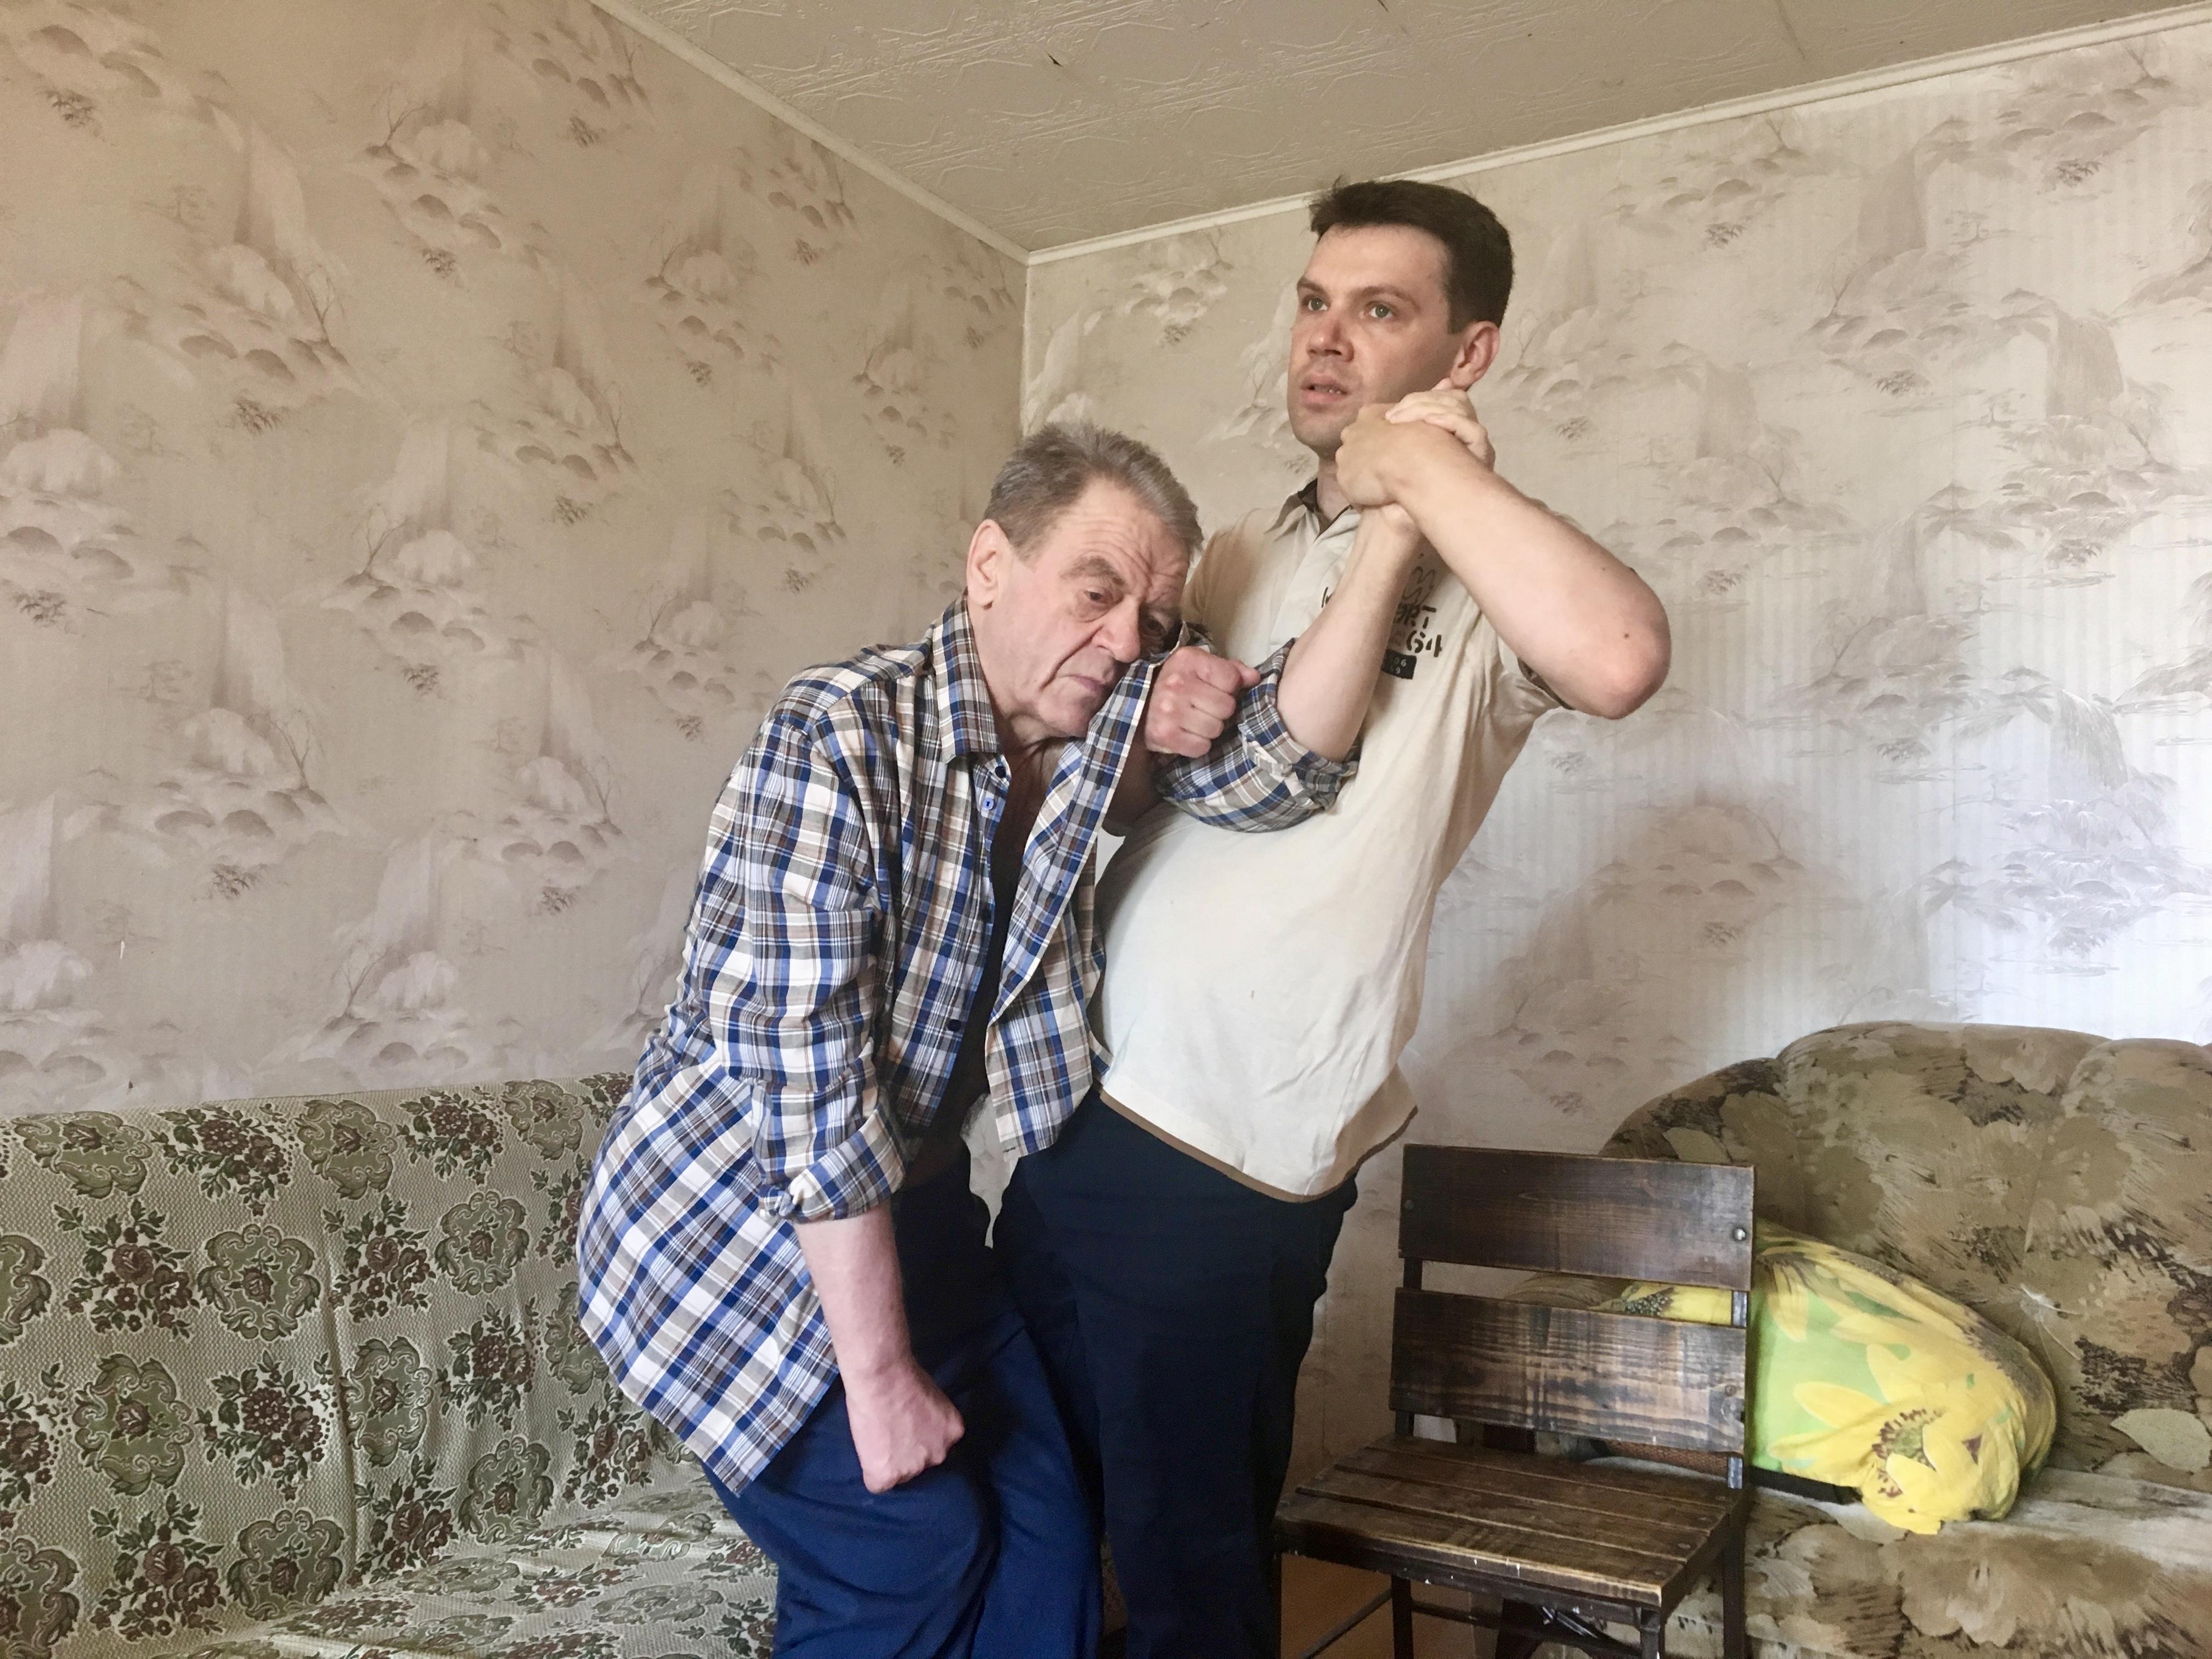 Чтобы тело Тадеуша Казимировича не затекало, сын периодически приподнимает его. Фото: Екатерина БУБЕН